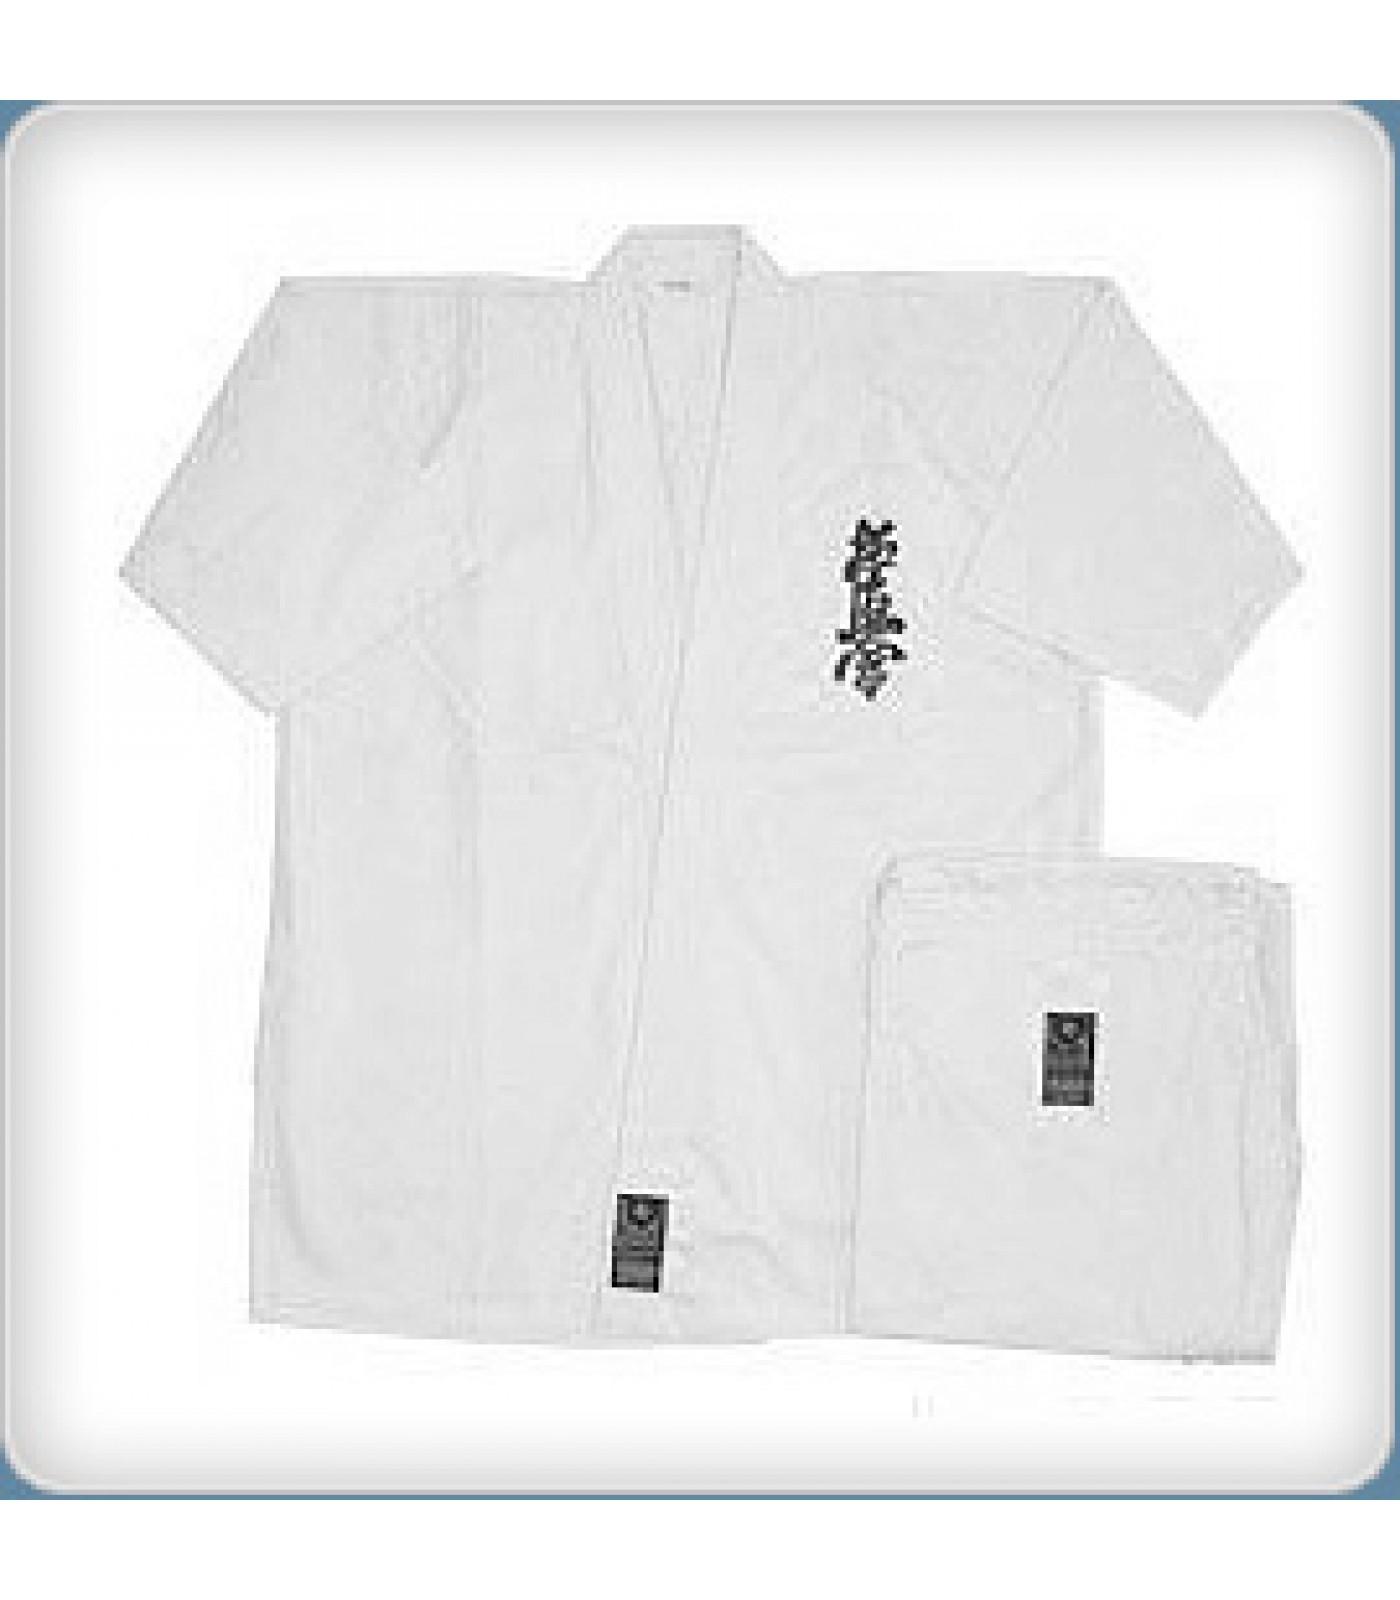 EON Sport - Карате киокушинкай кимоно - 130см.